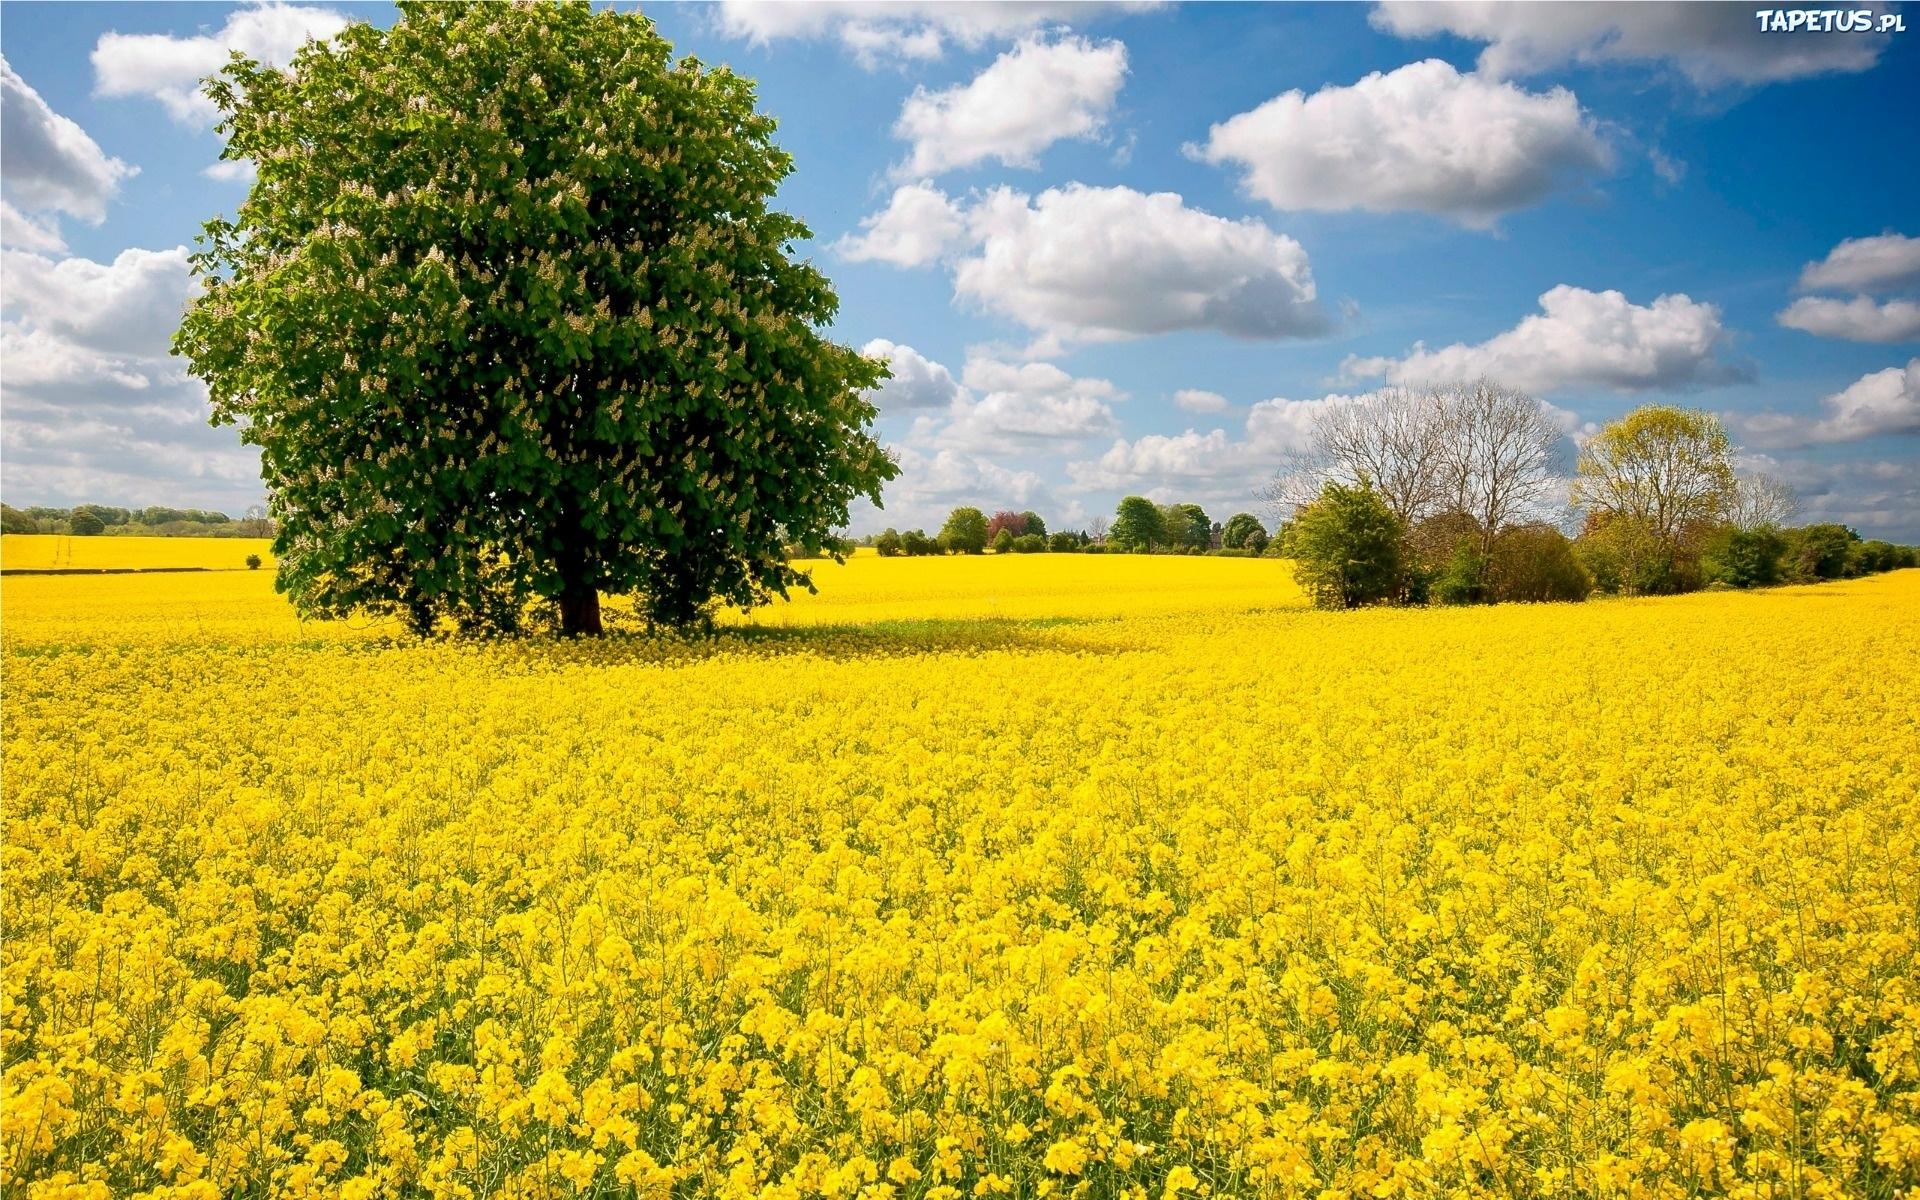 Пейзажи природы фото высокого качества